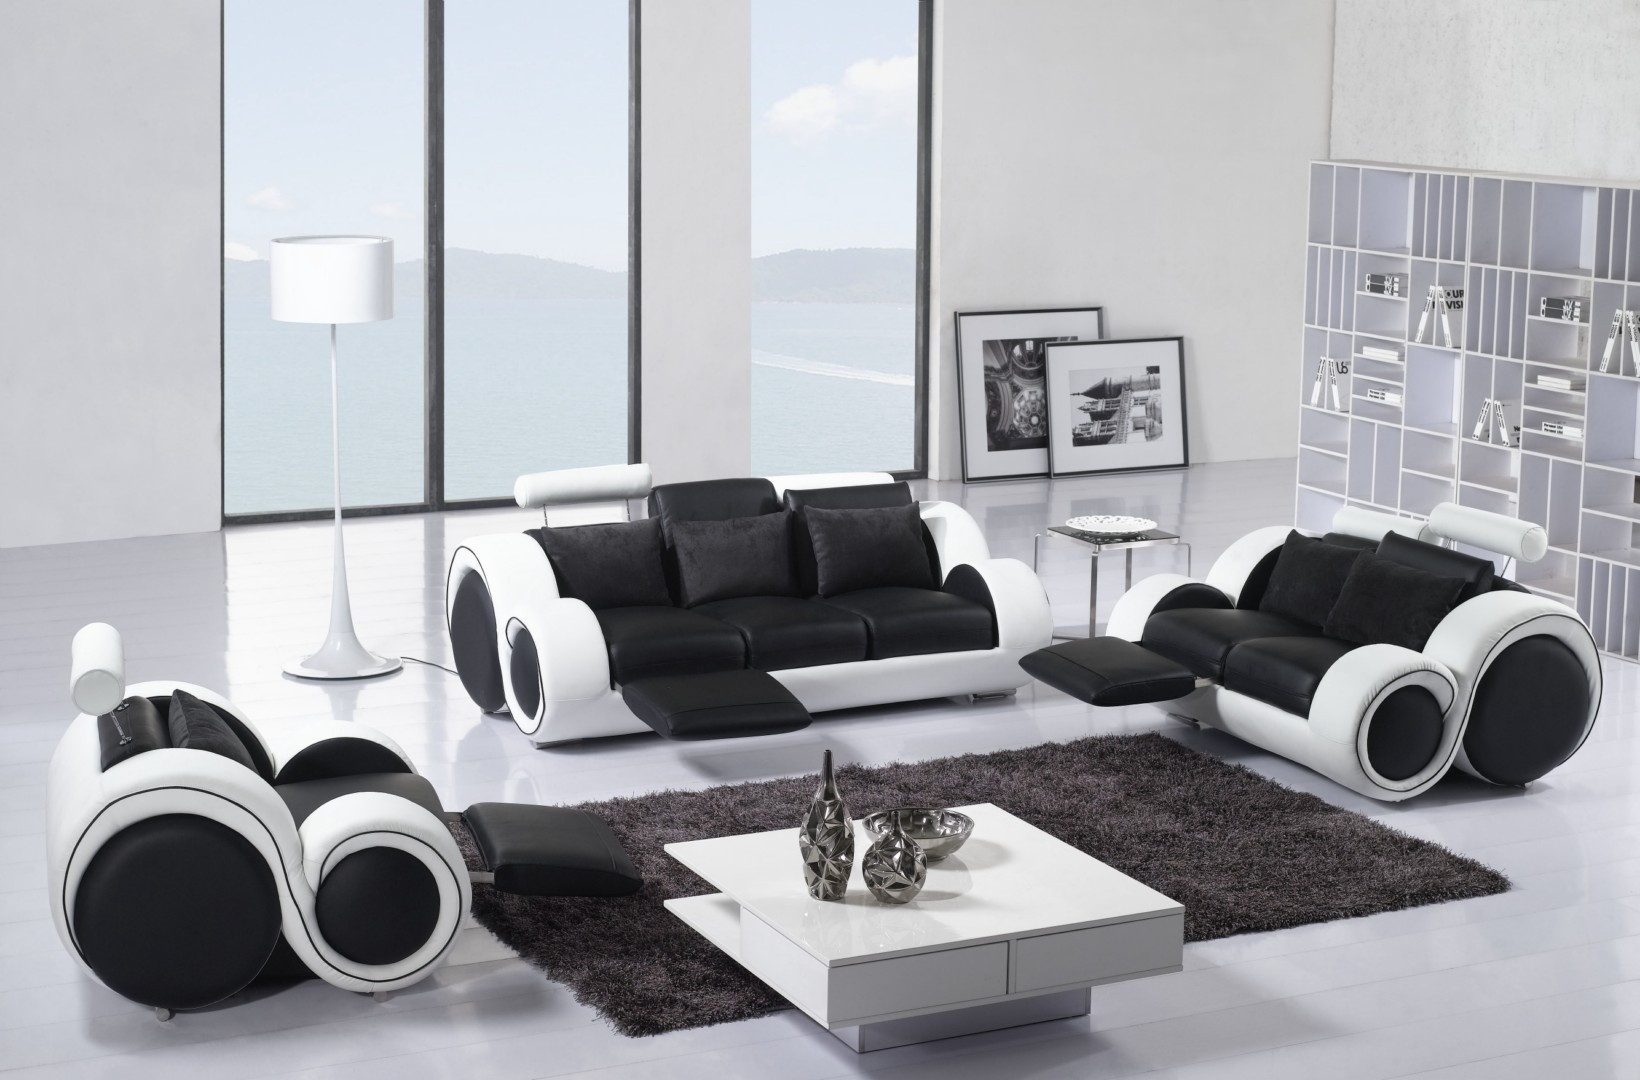 6495-ensemble-cuir-relax-oslo-3-2-1-places-noir-et-blanc